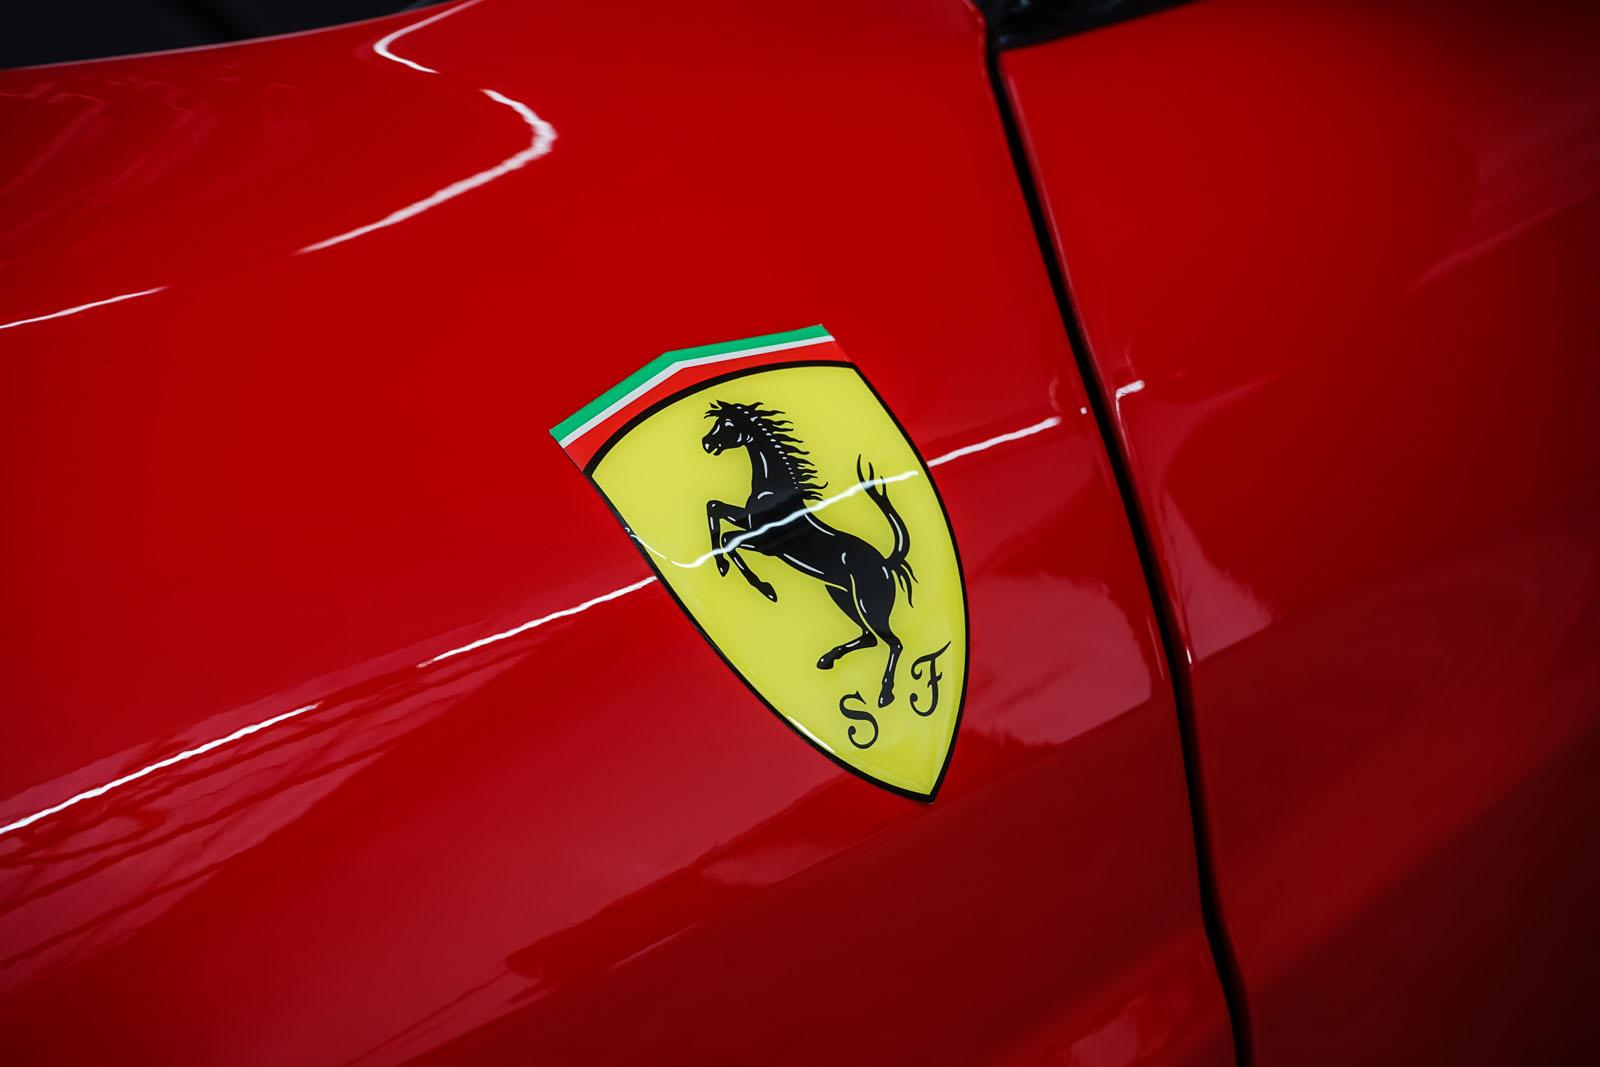 Ferrari_360_Modena_Rot_Schwarz_FER-4576_12_w